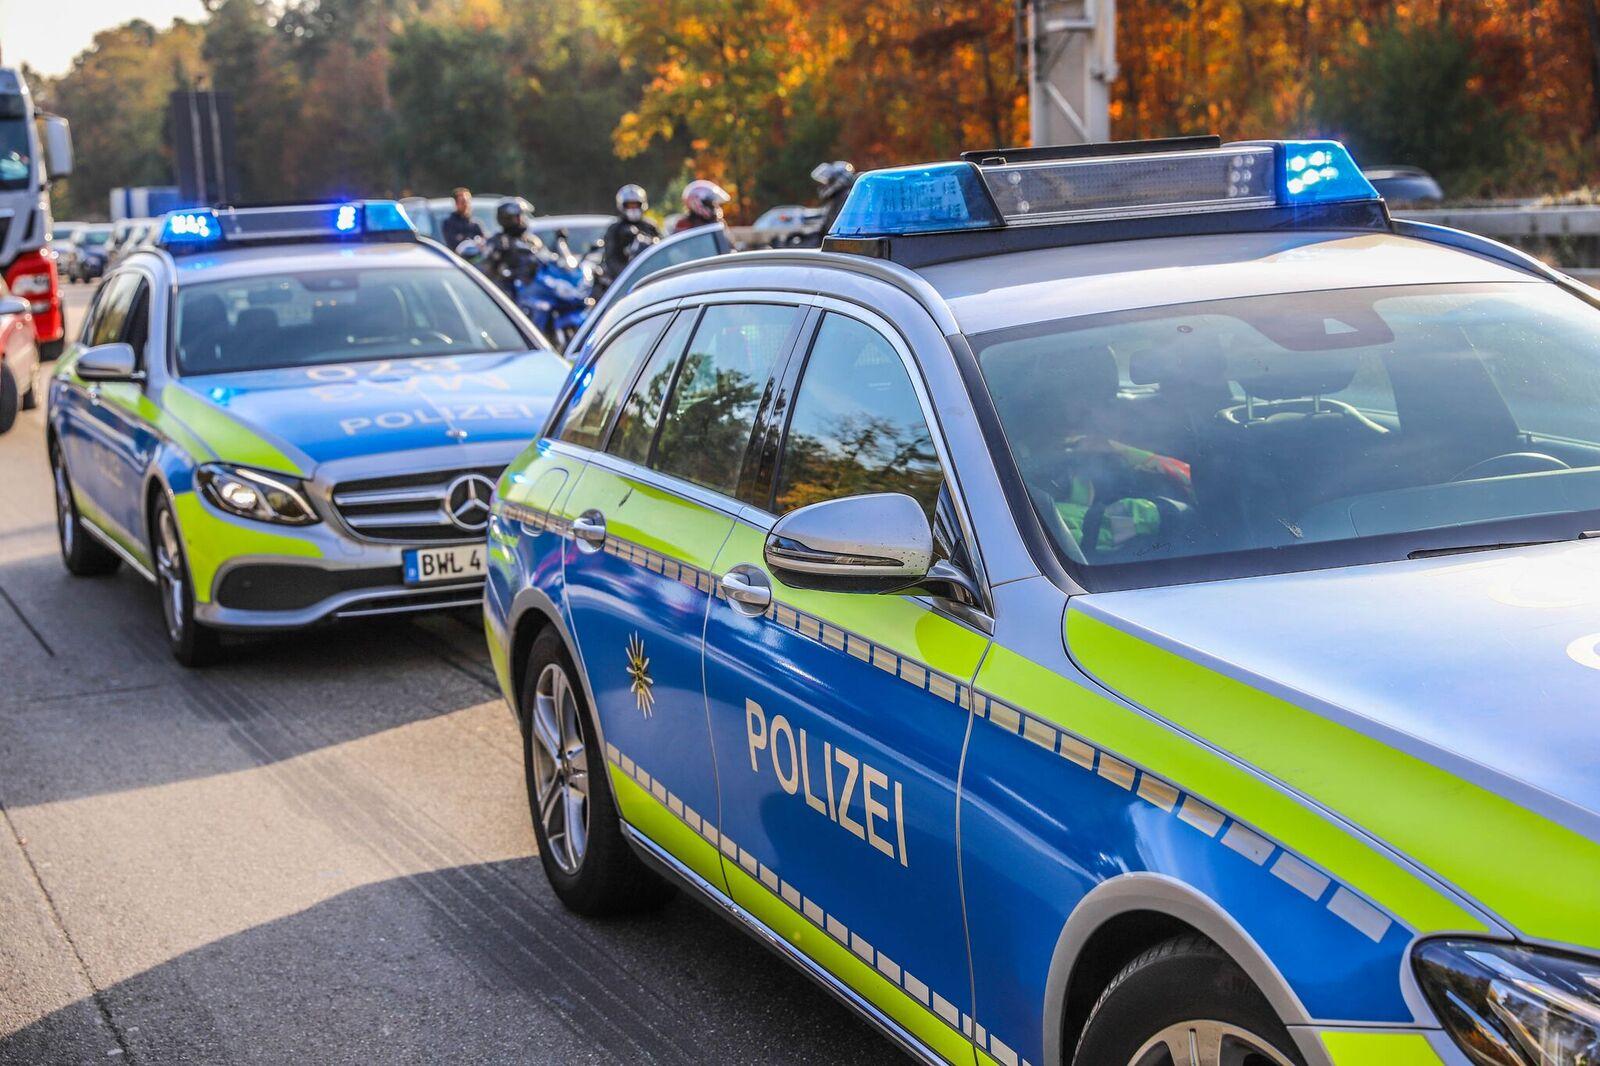 Polizei Mühlburg